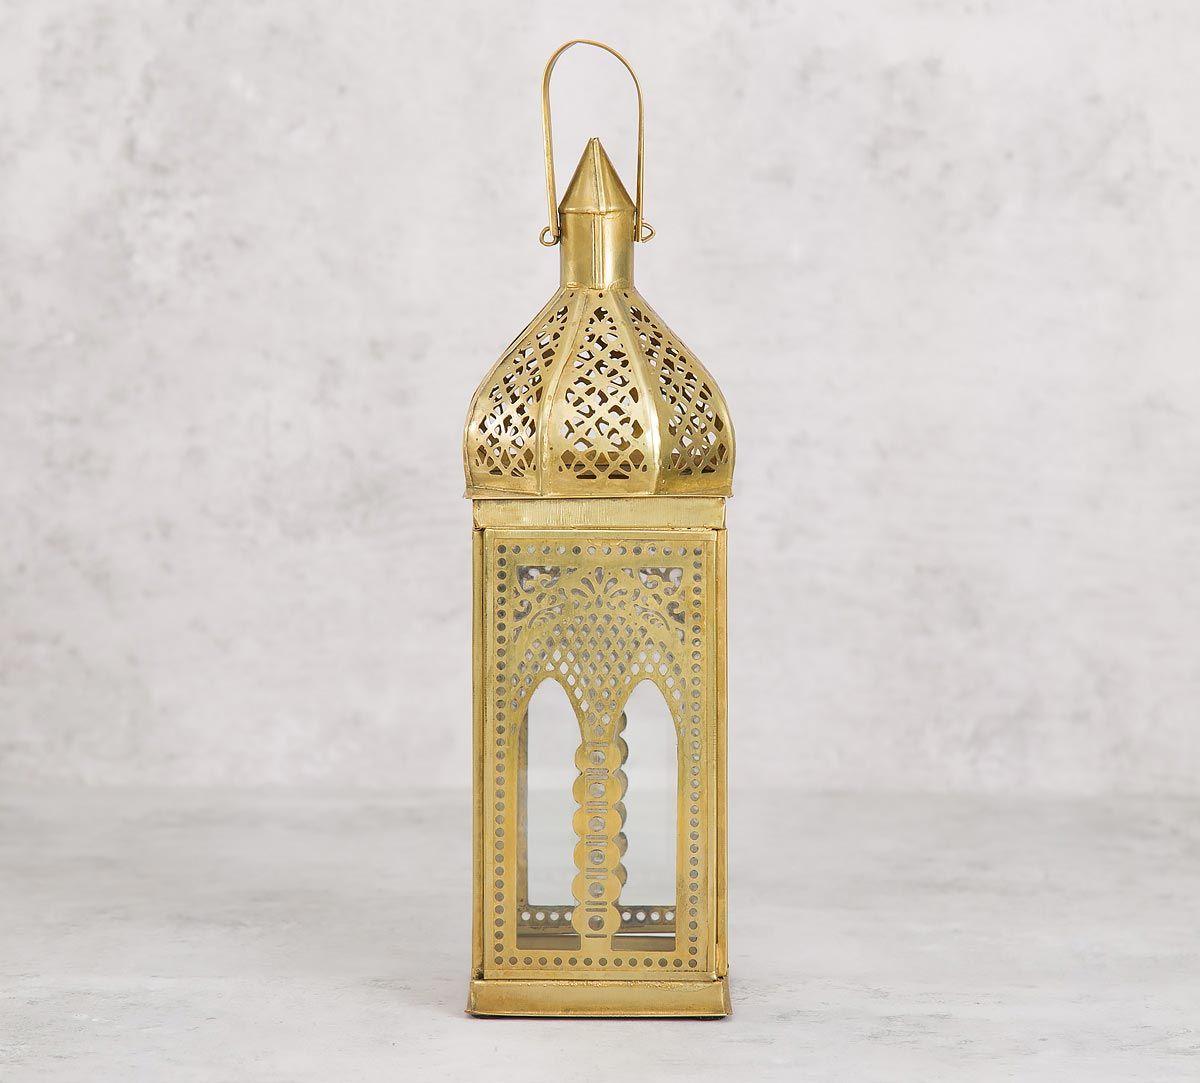 India Circus Tall Iron Candle Lantern